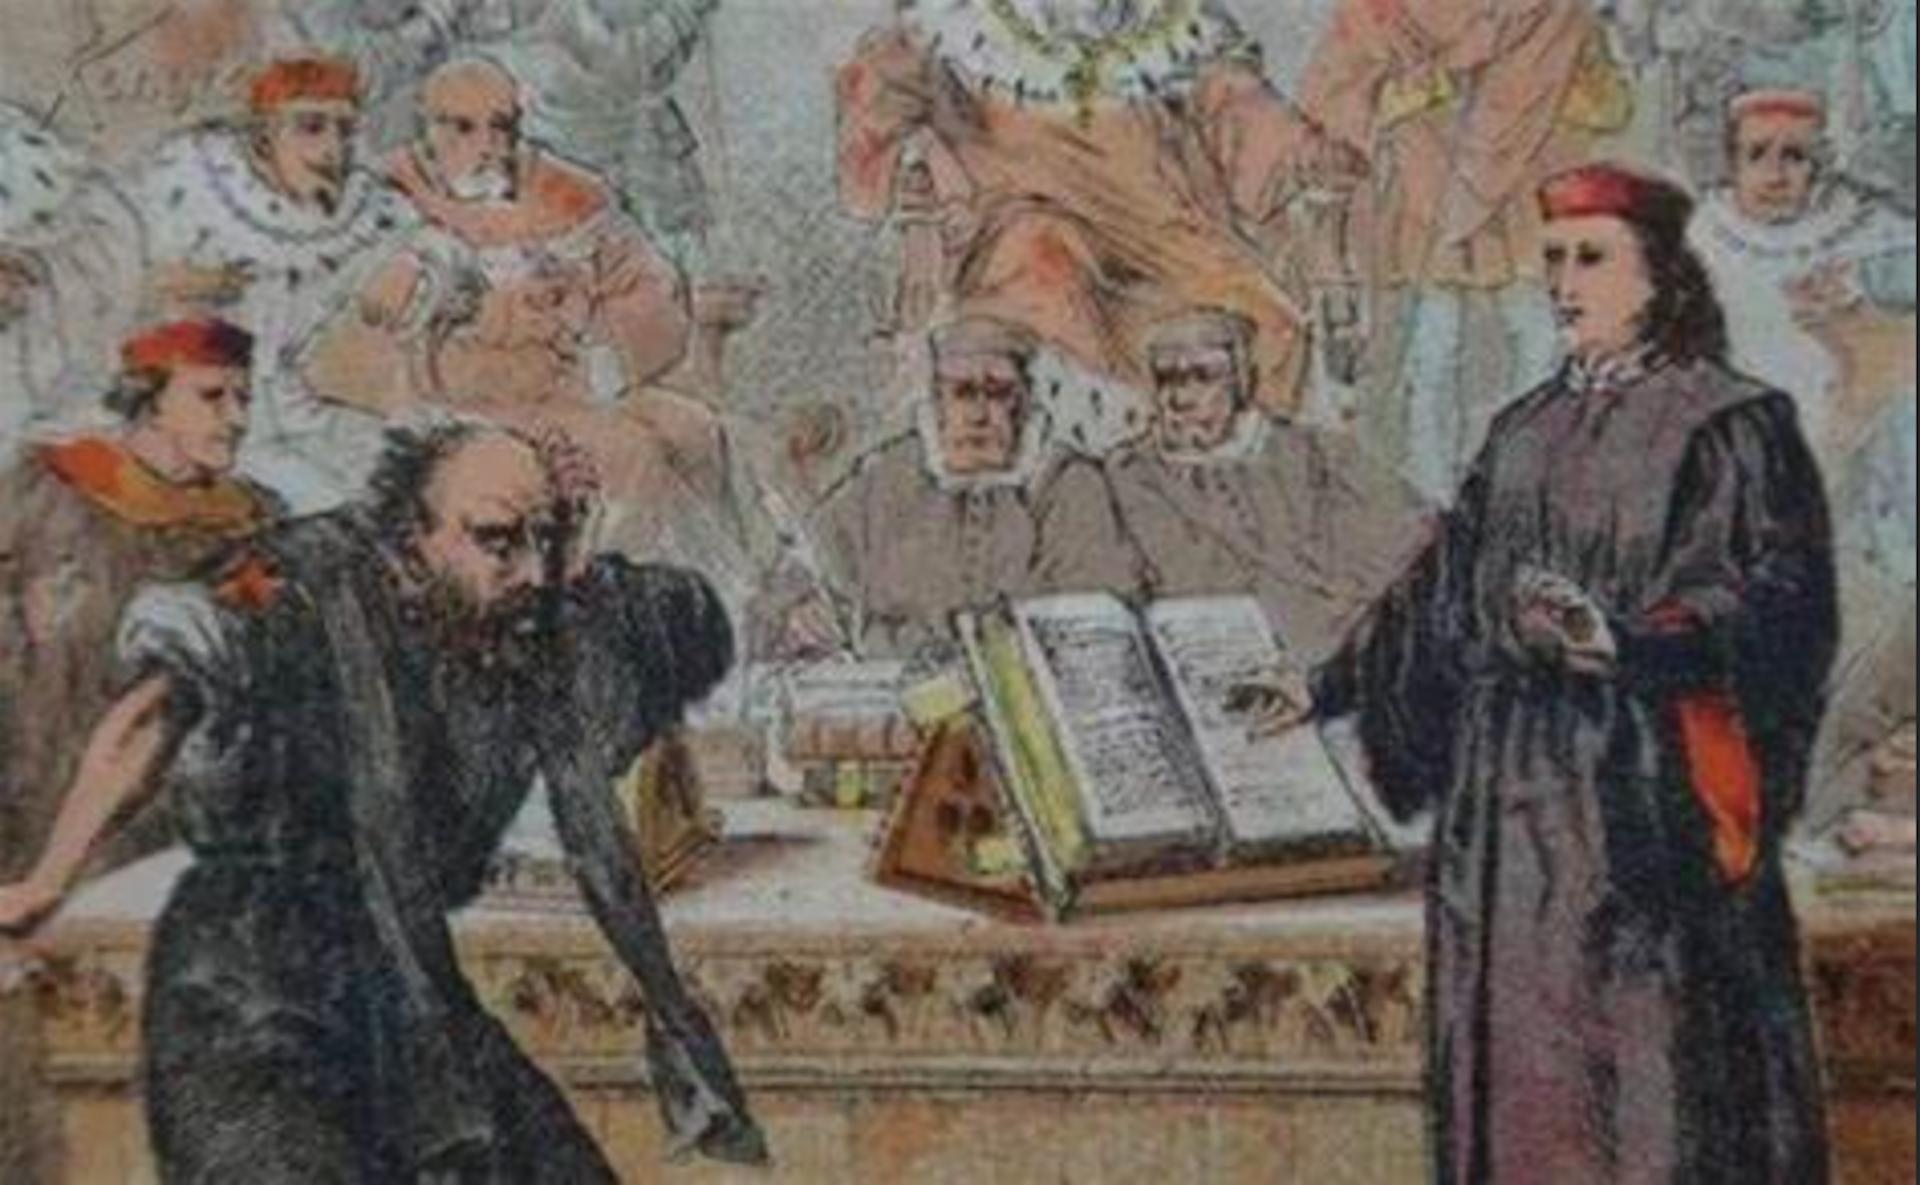 介紹莎士比亞的著作/威尼斯商人